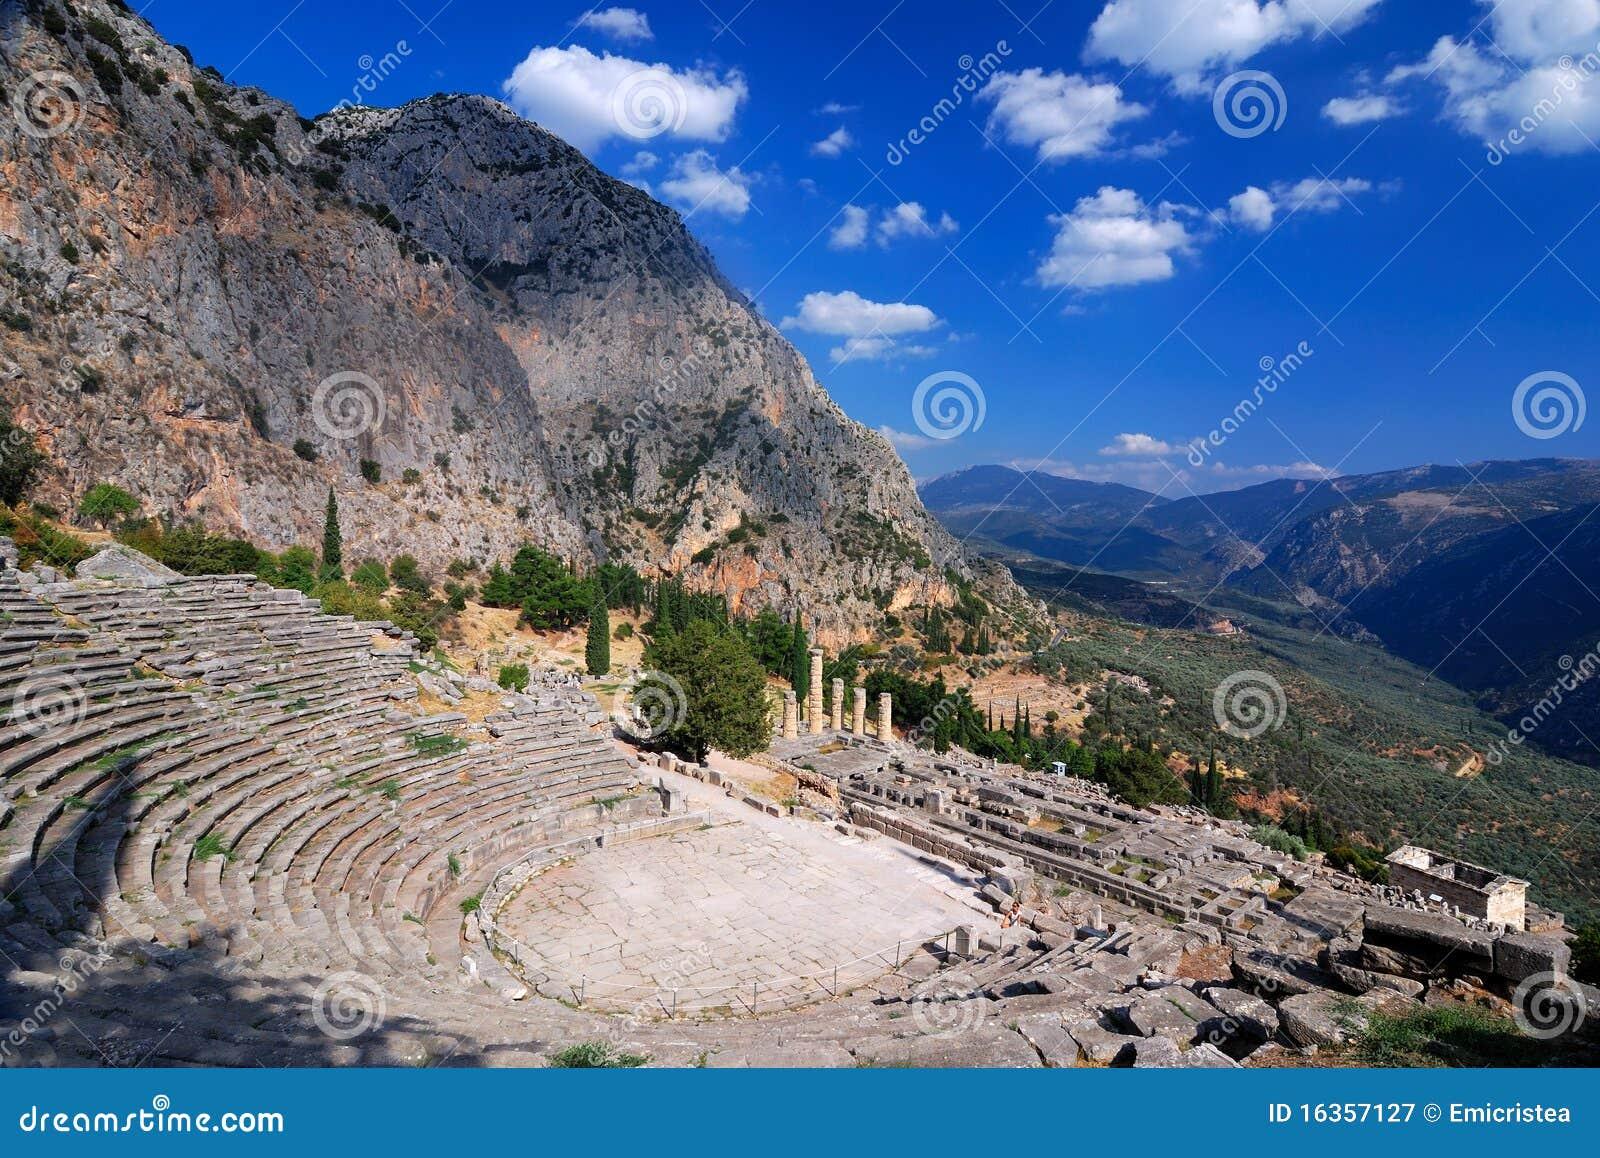 Ruines antiques de Delphes, montagnes de Parnassus, Grèce